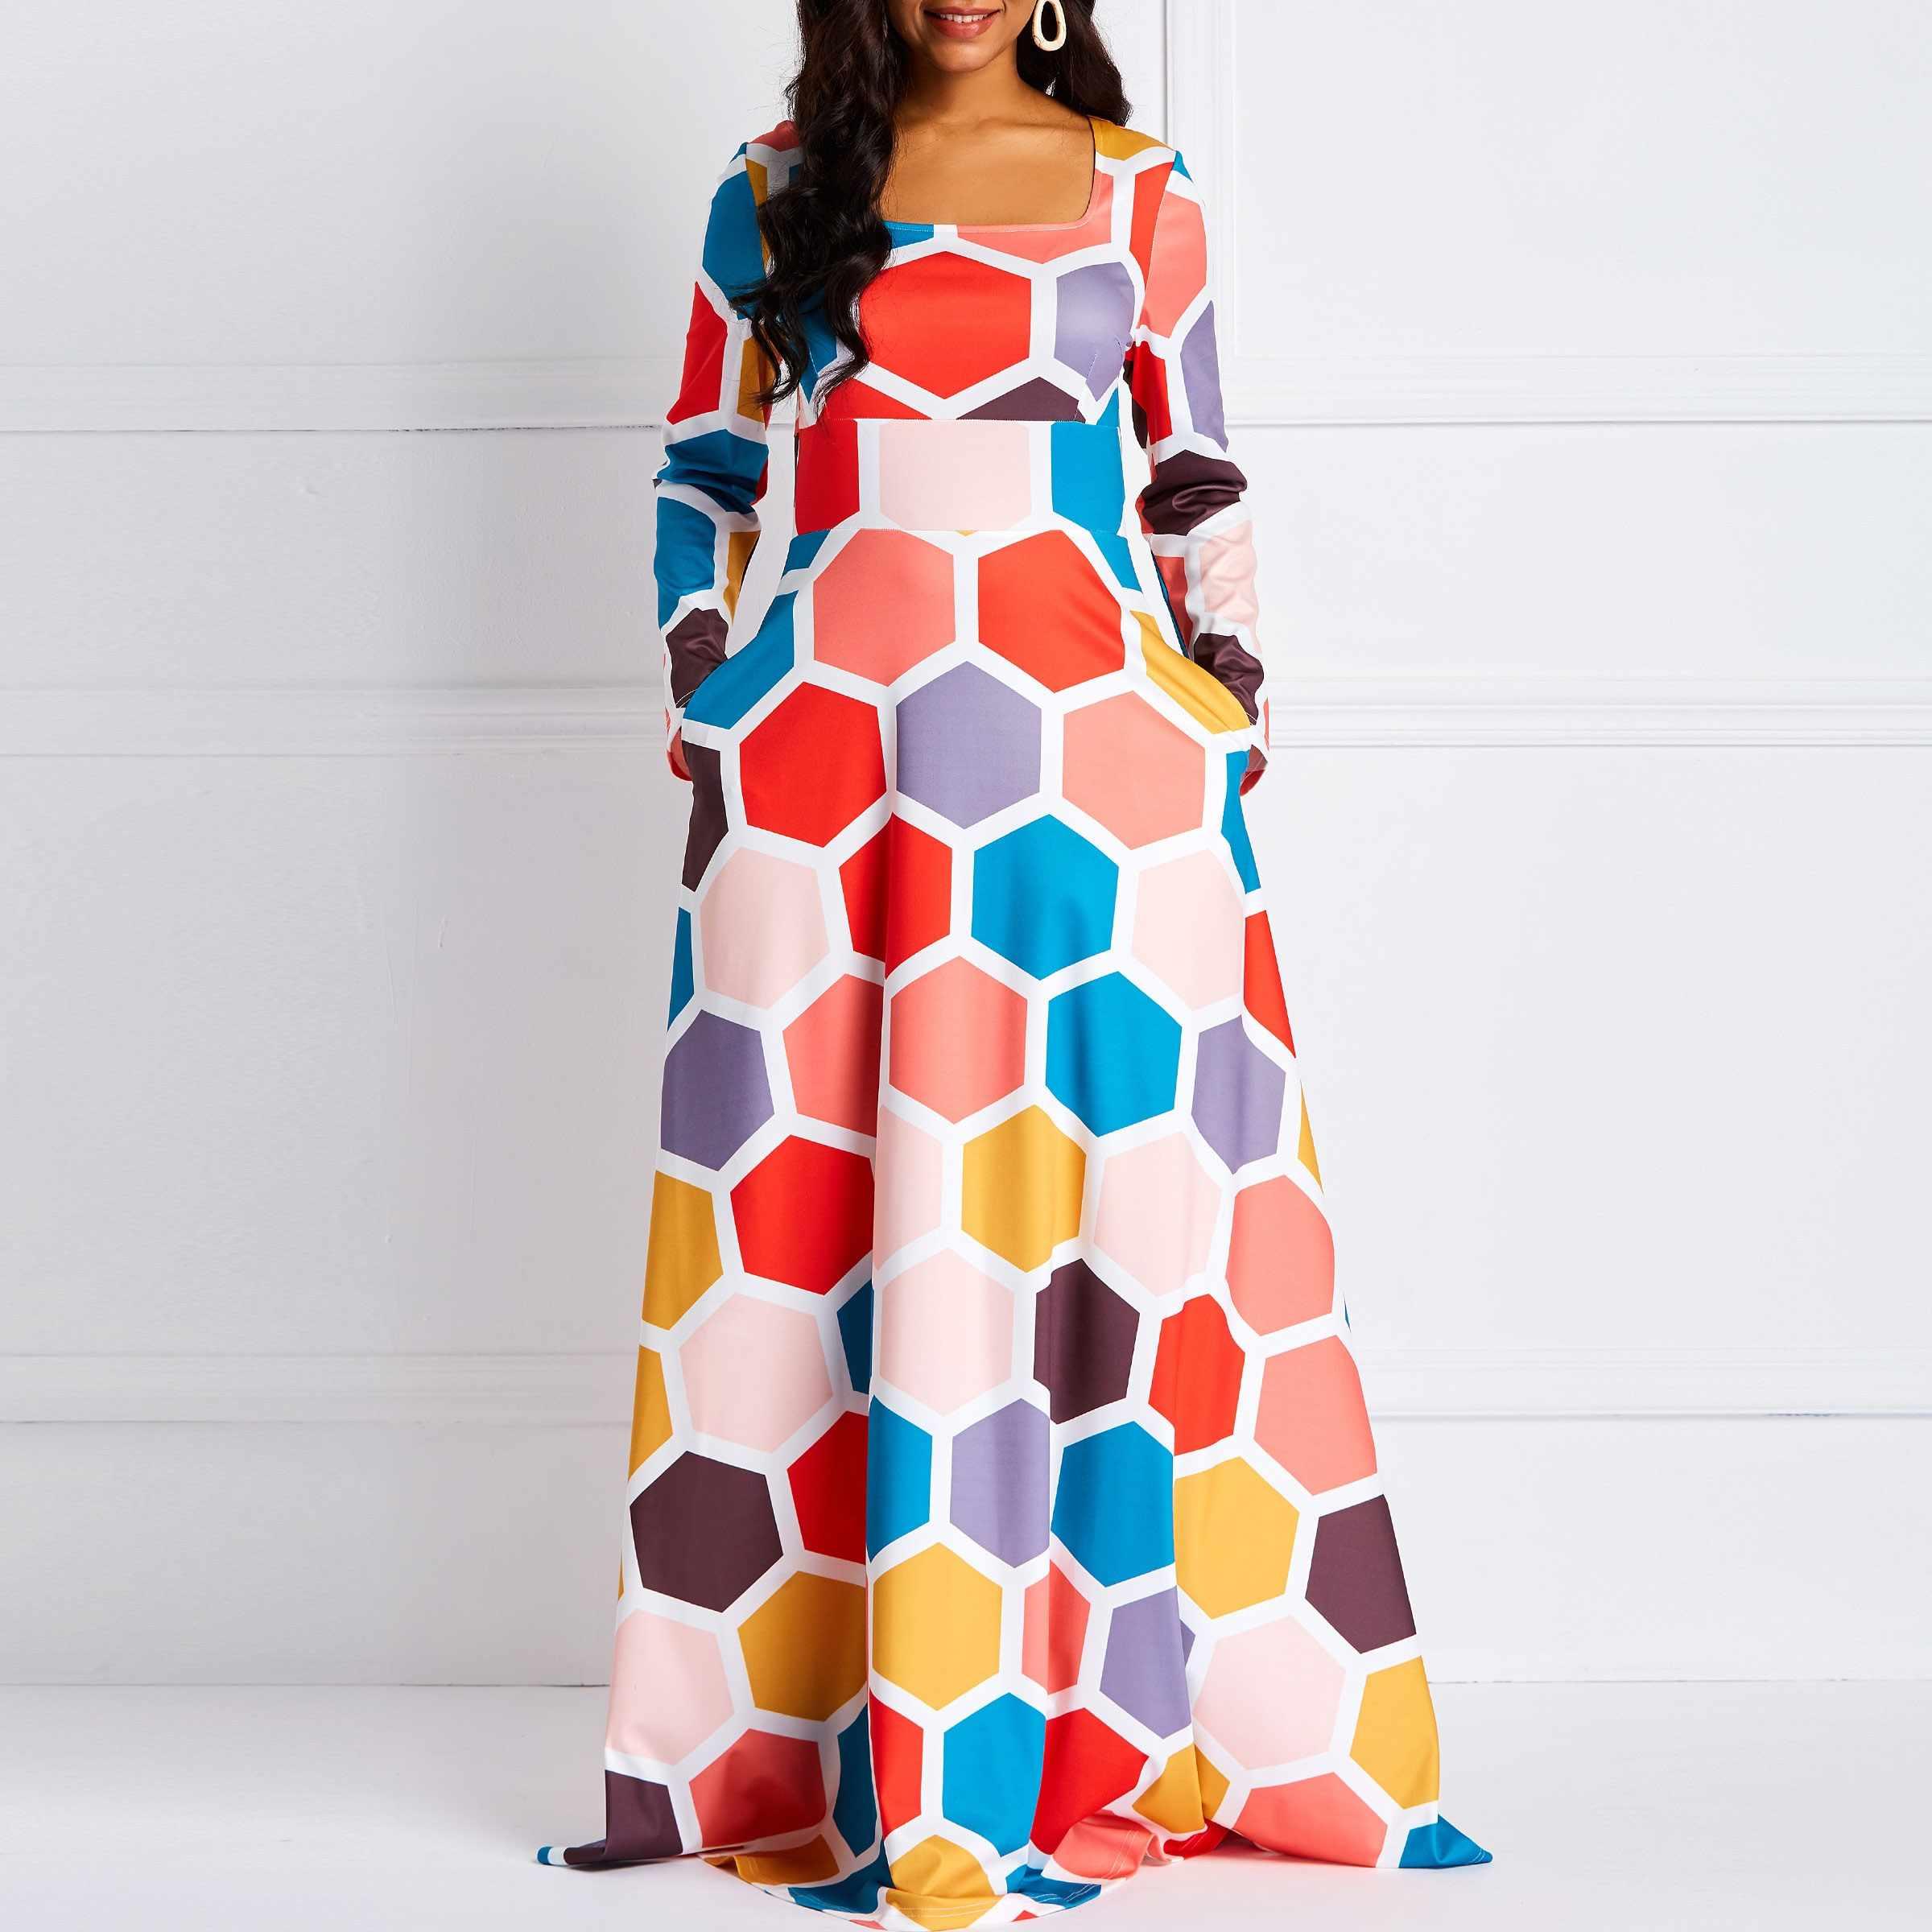 Colour Block Plus Size Dresses   Saddha